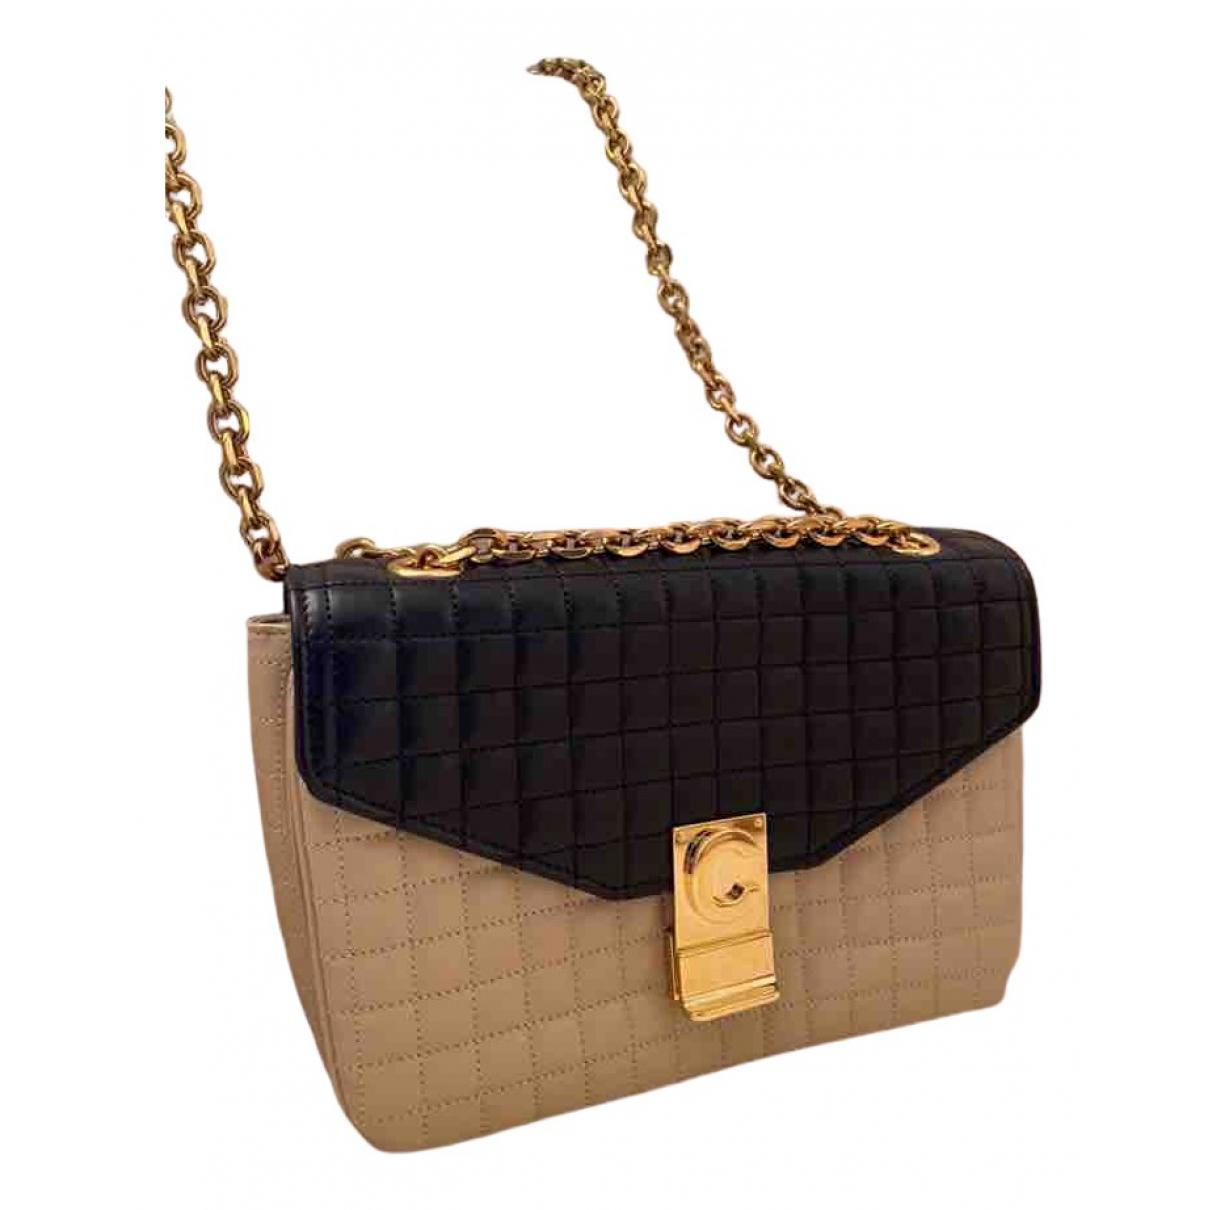 Celine C bag Multicolour Leather handbag for Women N